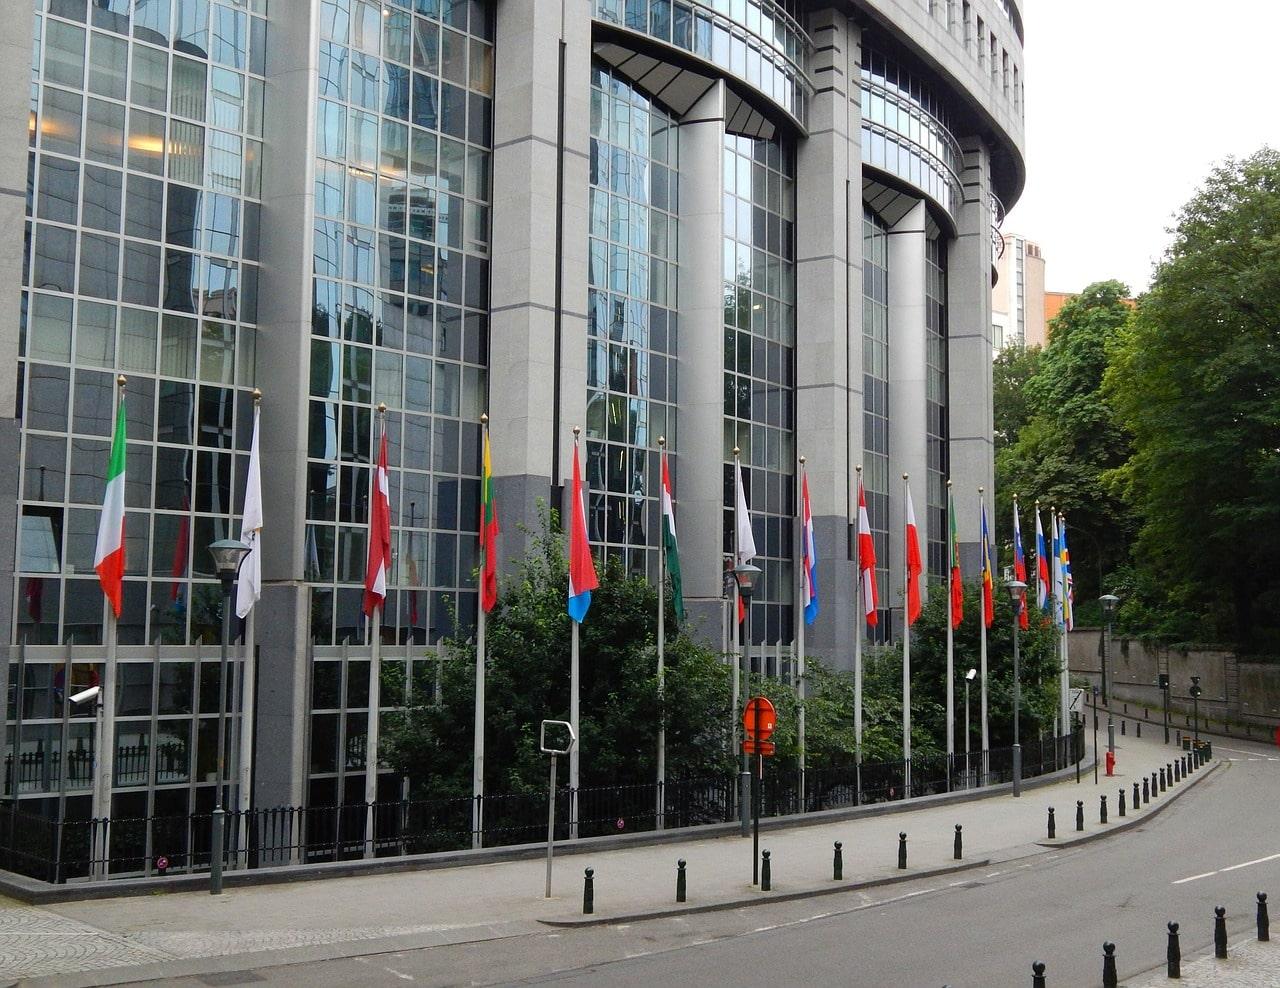 12 maggio, Dopo il QE quale governance per l'Unione?